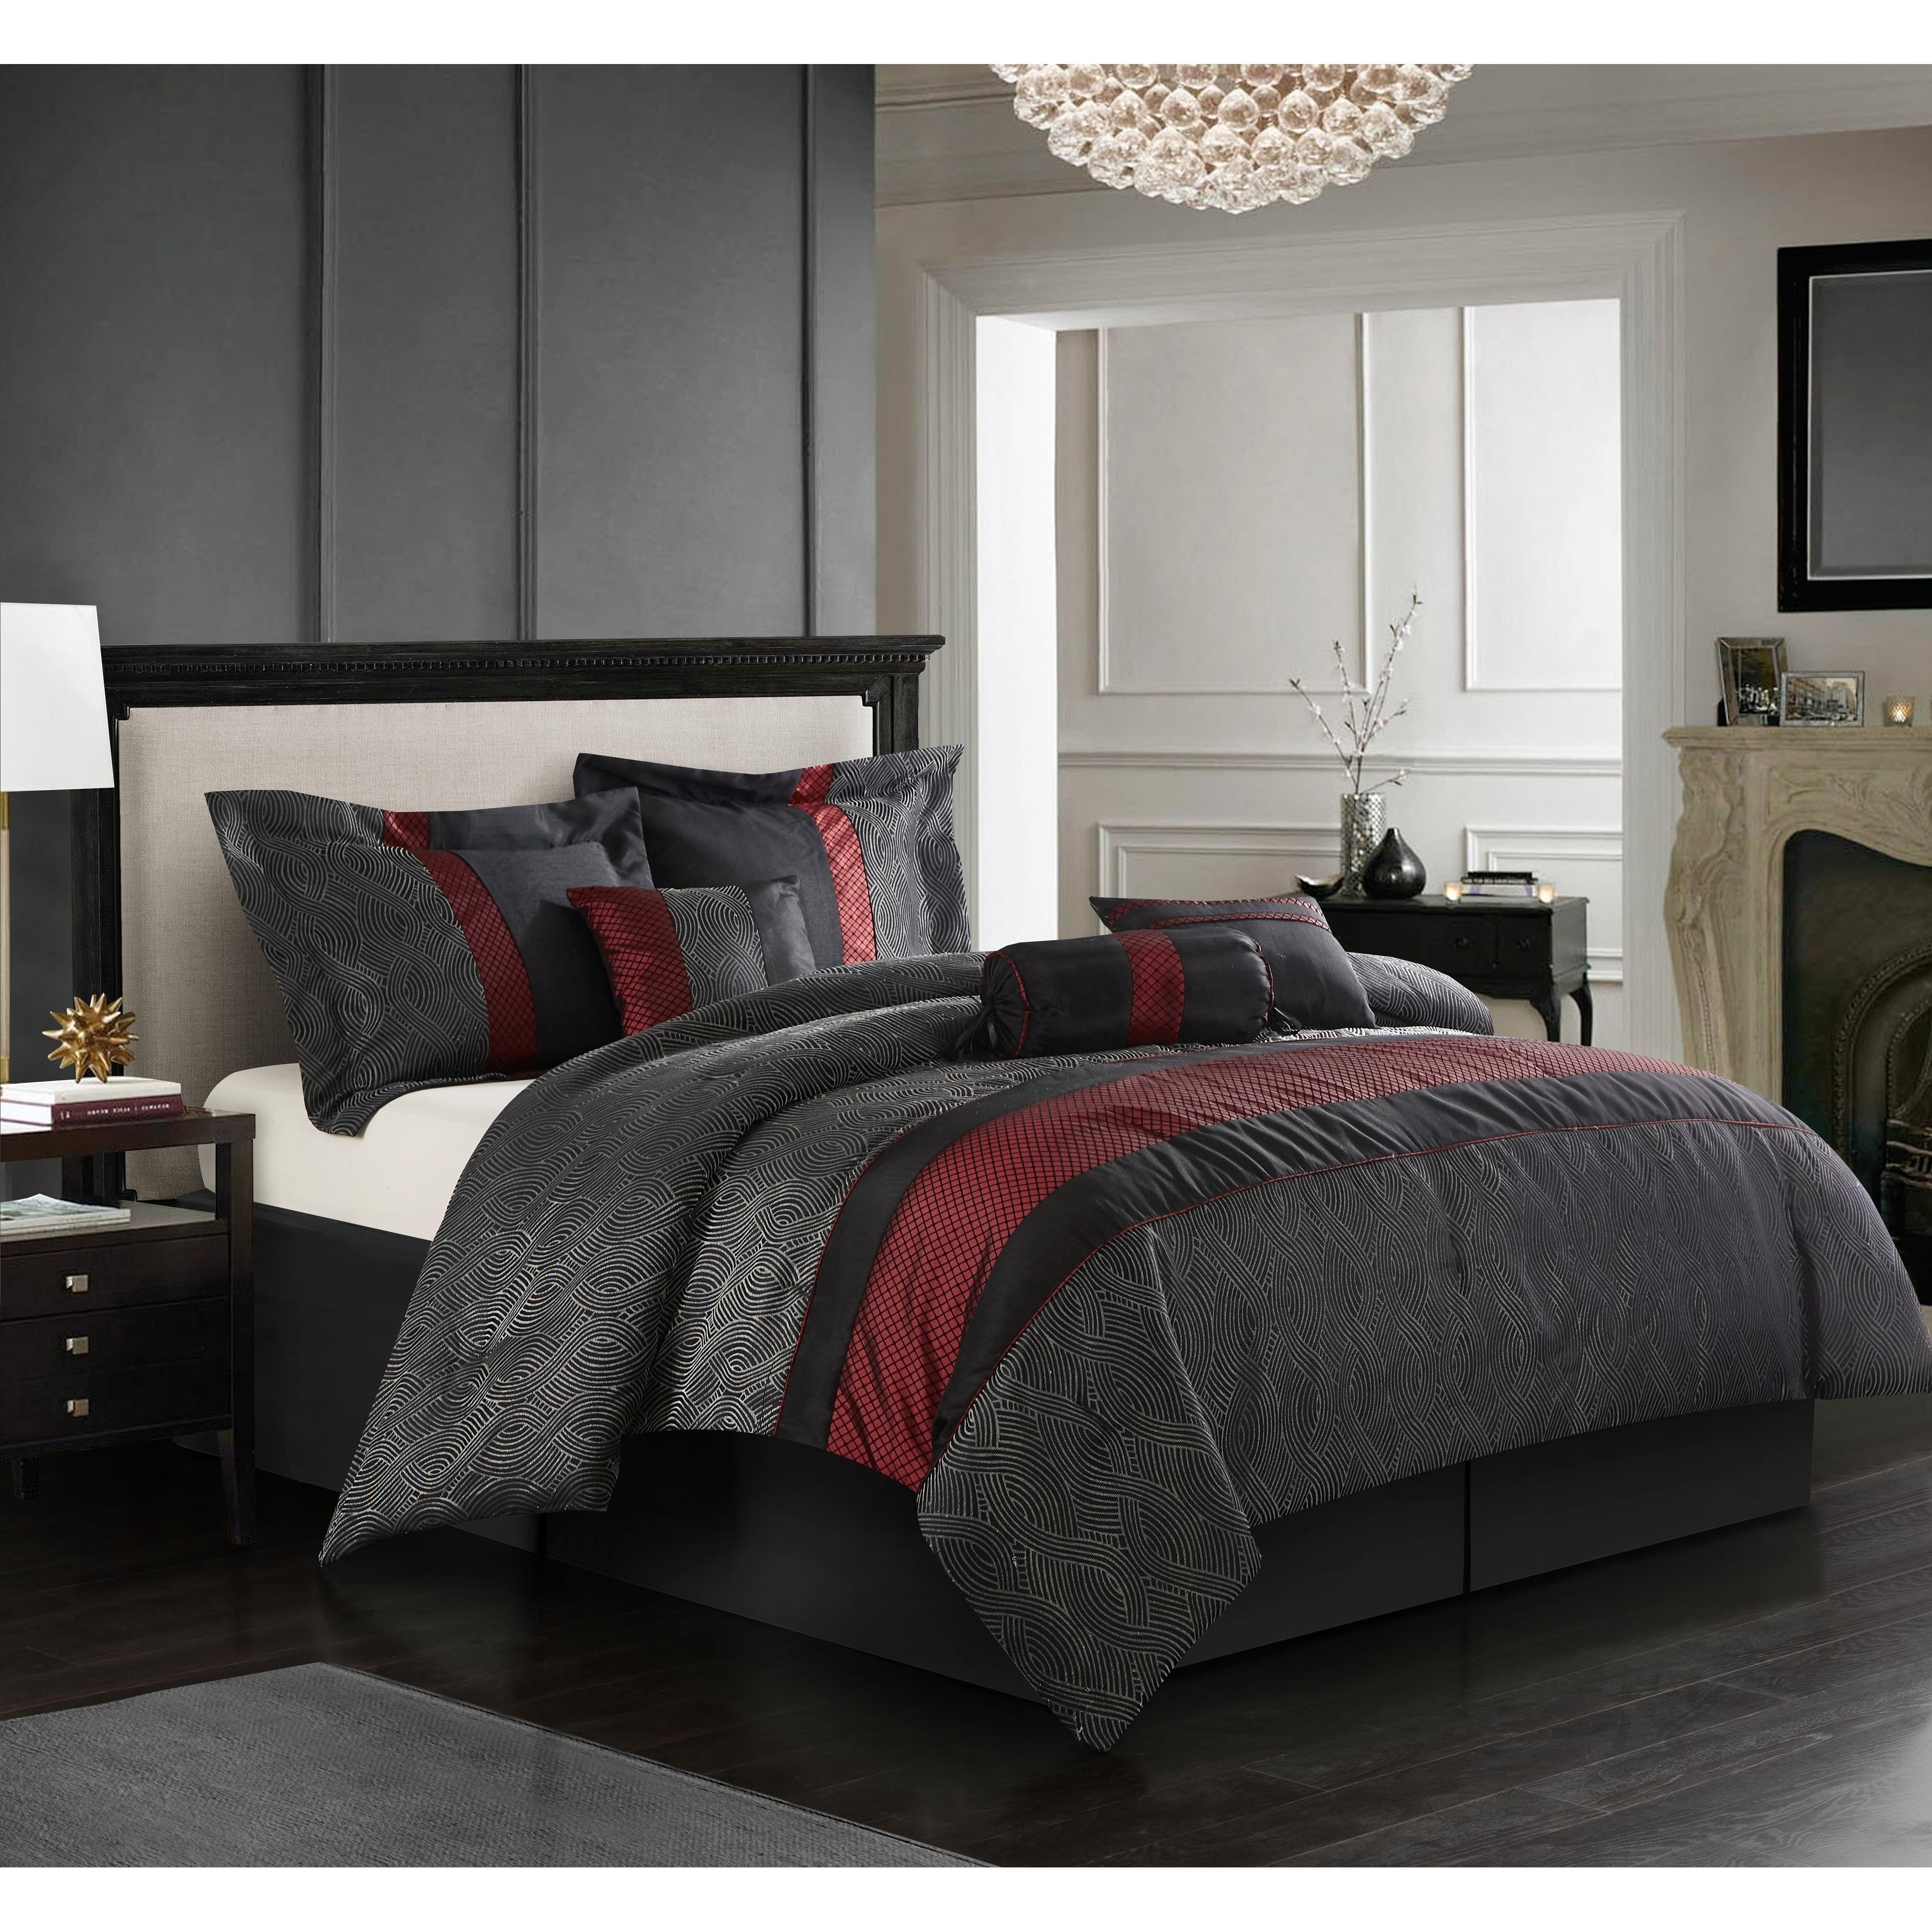 Nanshing Corell Redblack 7 Piece Comforter Set  Free Shipping Today